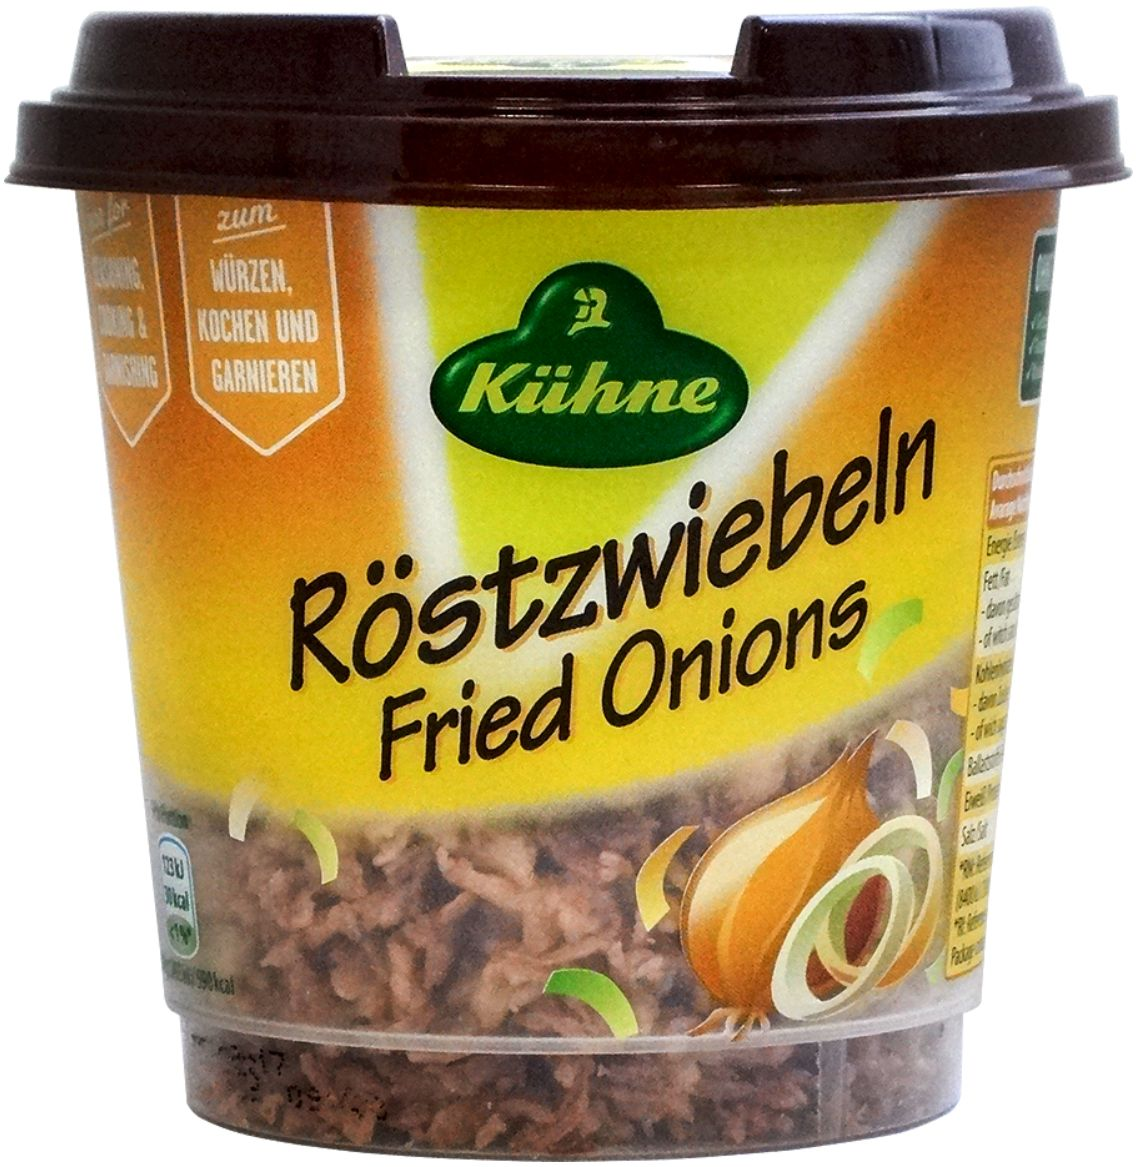 Kuhne жареный лучок, 100 г72219Приготовленный таким образом лук подают как гарнир для жареного мяса или добавляют в различные начинки пирожков.